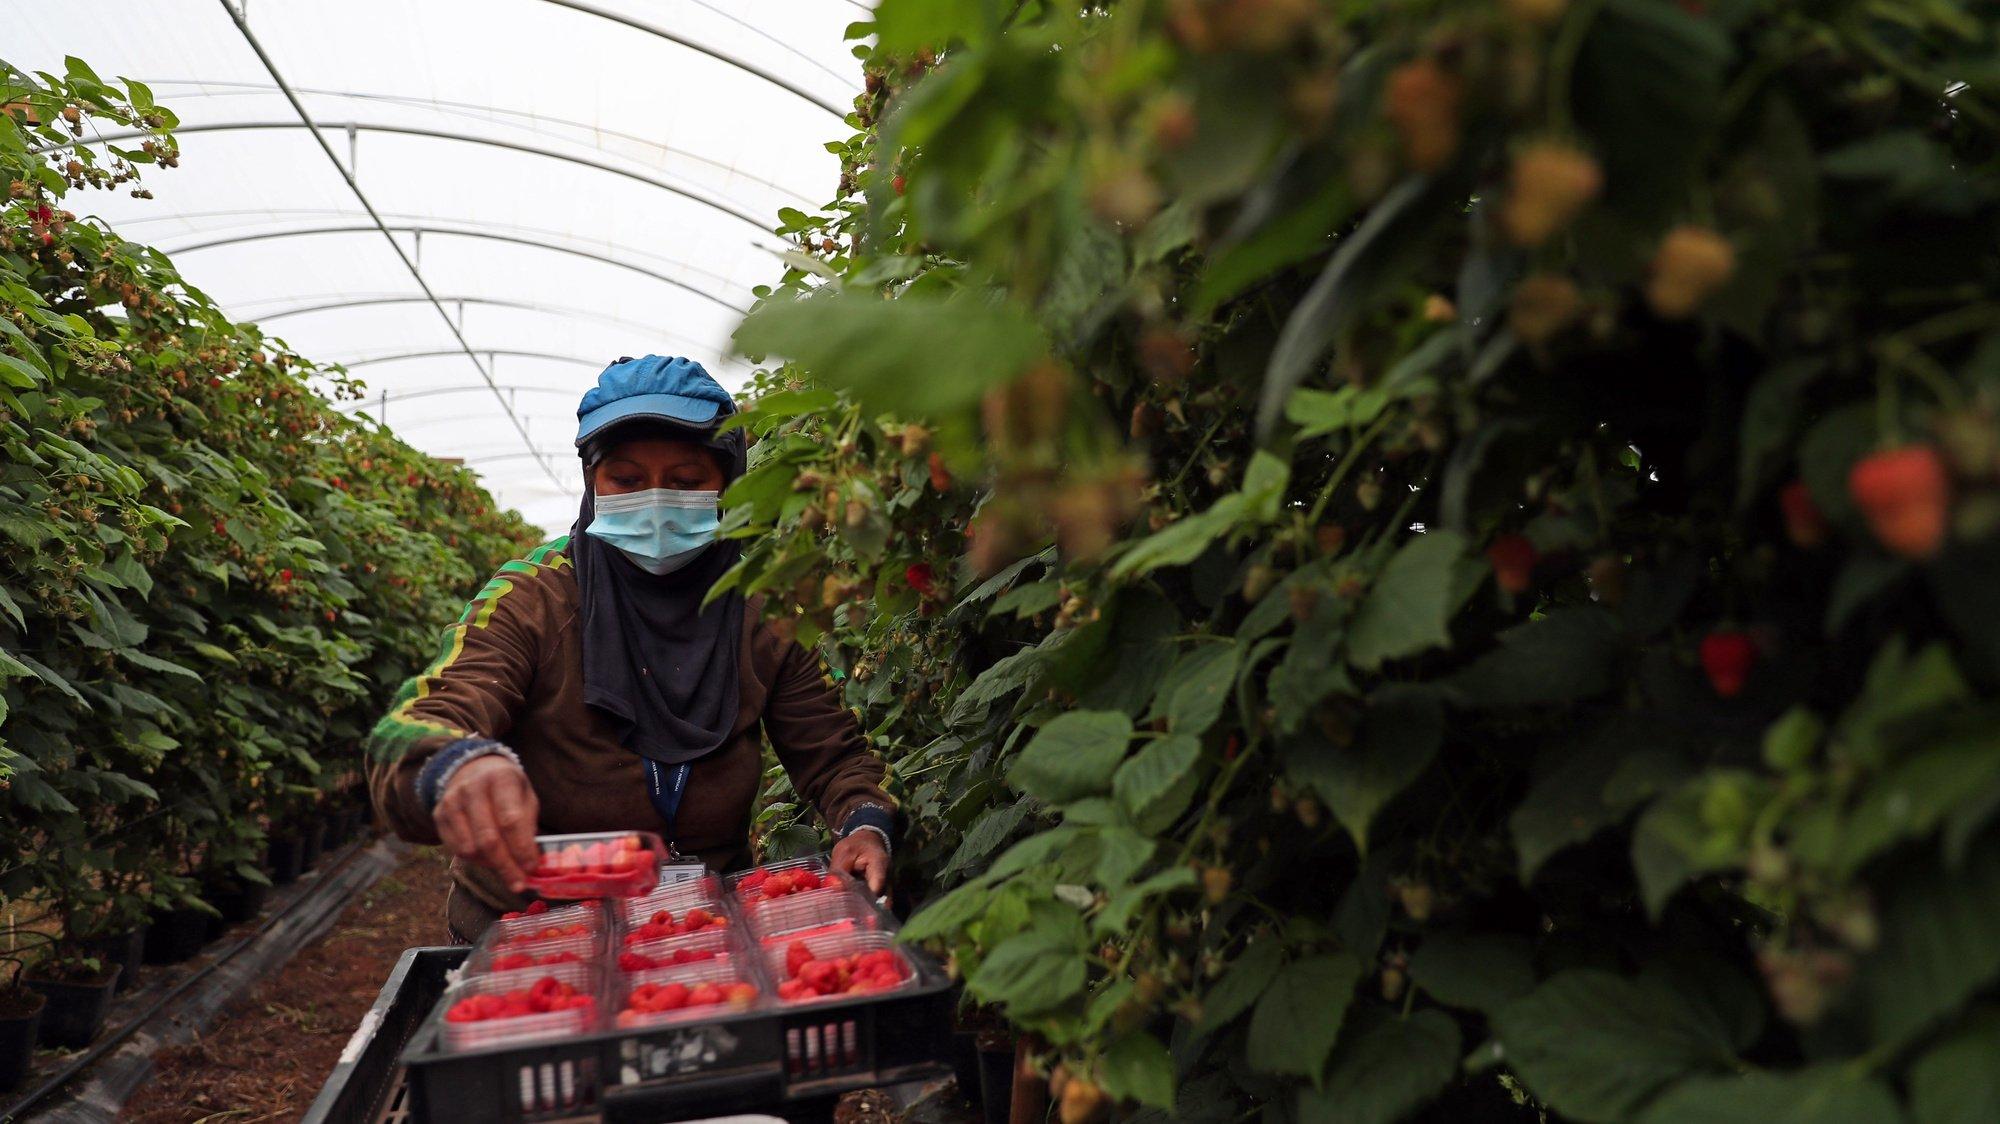 Uma trabalhadora apanha framboesas numa estufa de uma empresa de exportação de frutos vermelhos, que aumentou 20% o seu volume de negócios neste ano, apesar dos desafios impostos pela pandemia de covid-19 que a obrigaram a repensar a sua estratégia no mercado, em Odemira, 16 de dezembro de 2020. (ACOMPANHA TEXTO DA LUSA DO DIA 01 DE JANEIRO DE 2021). NUNO VEIGA/LUSA